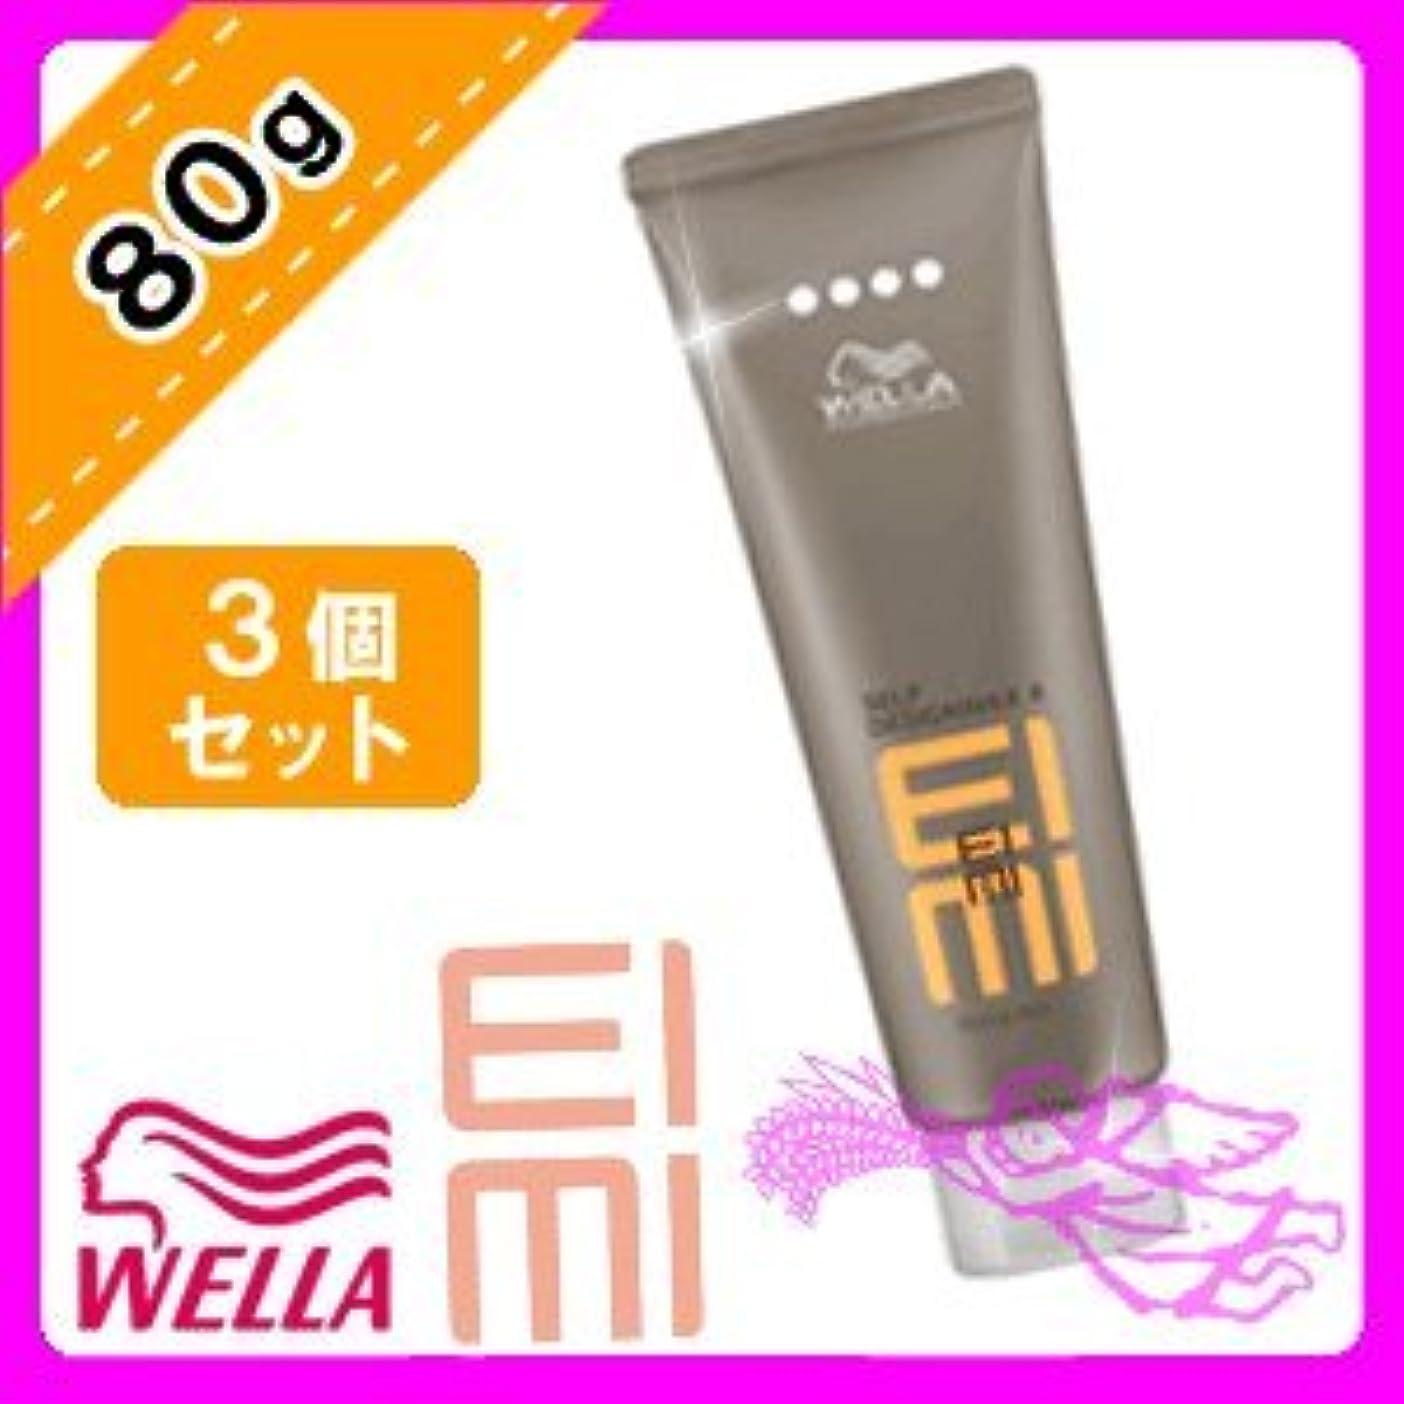 所有権長くする内陸ウエラ EIMI(アイミィ) セルフデザインワックス4 80g ×3個 セット WELLA P&G